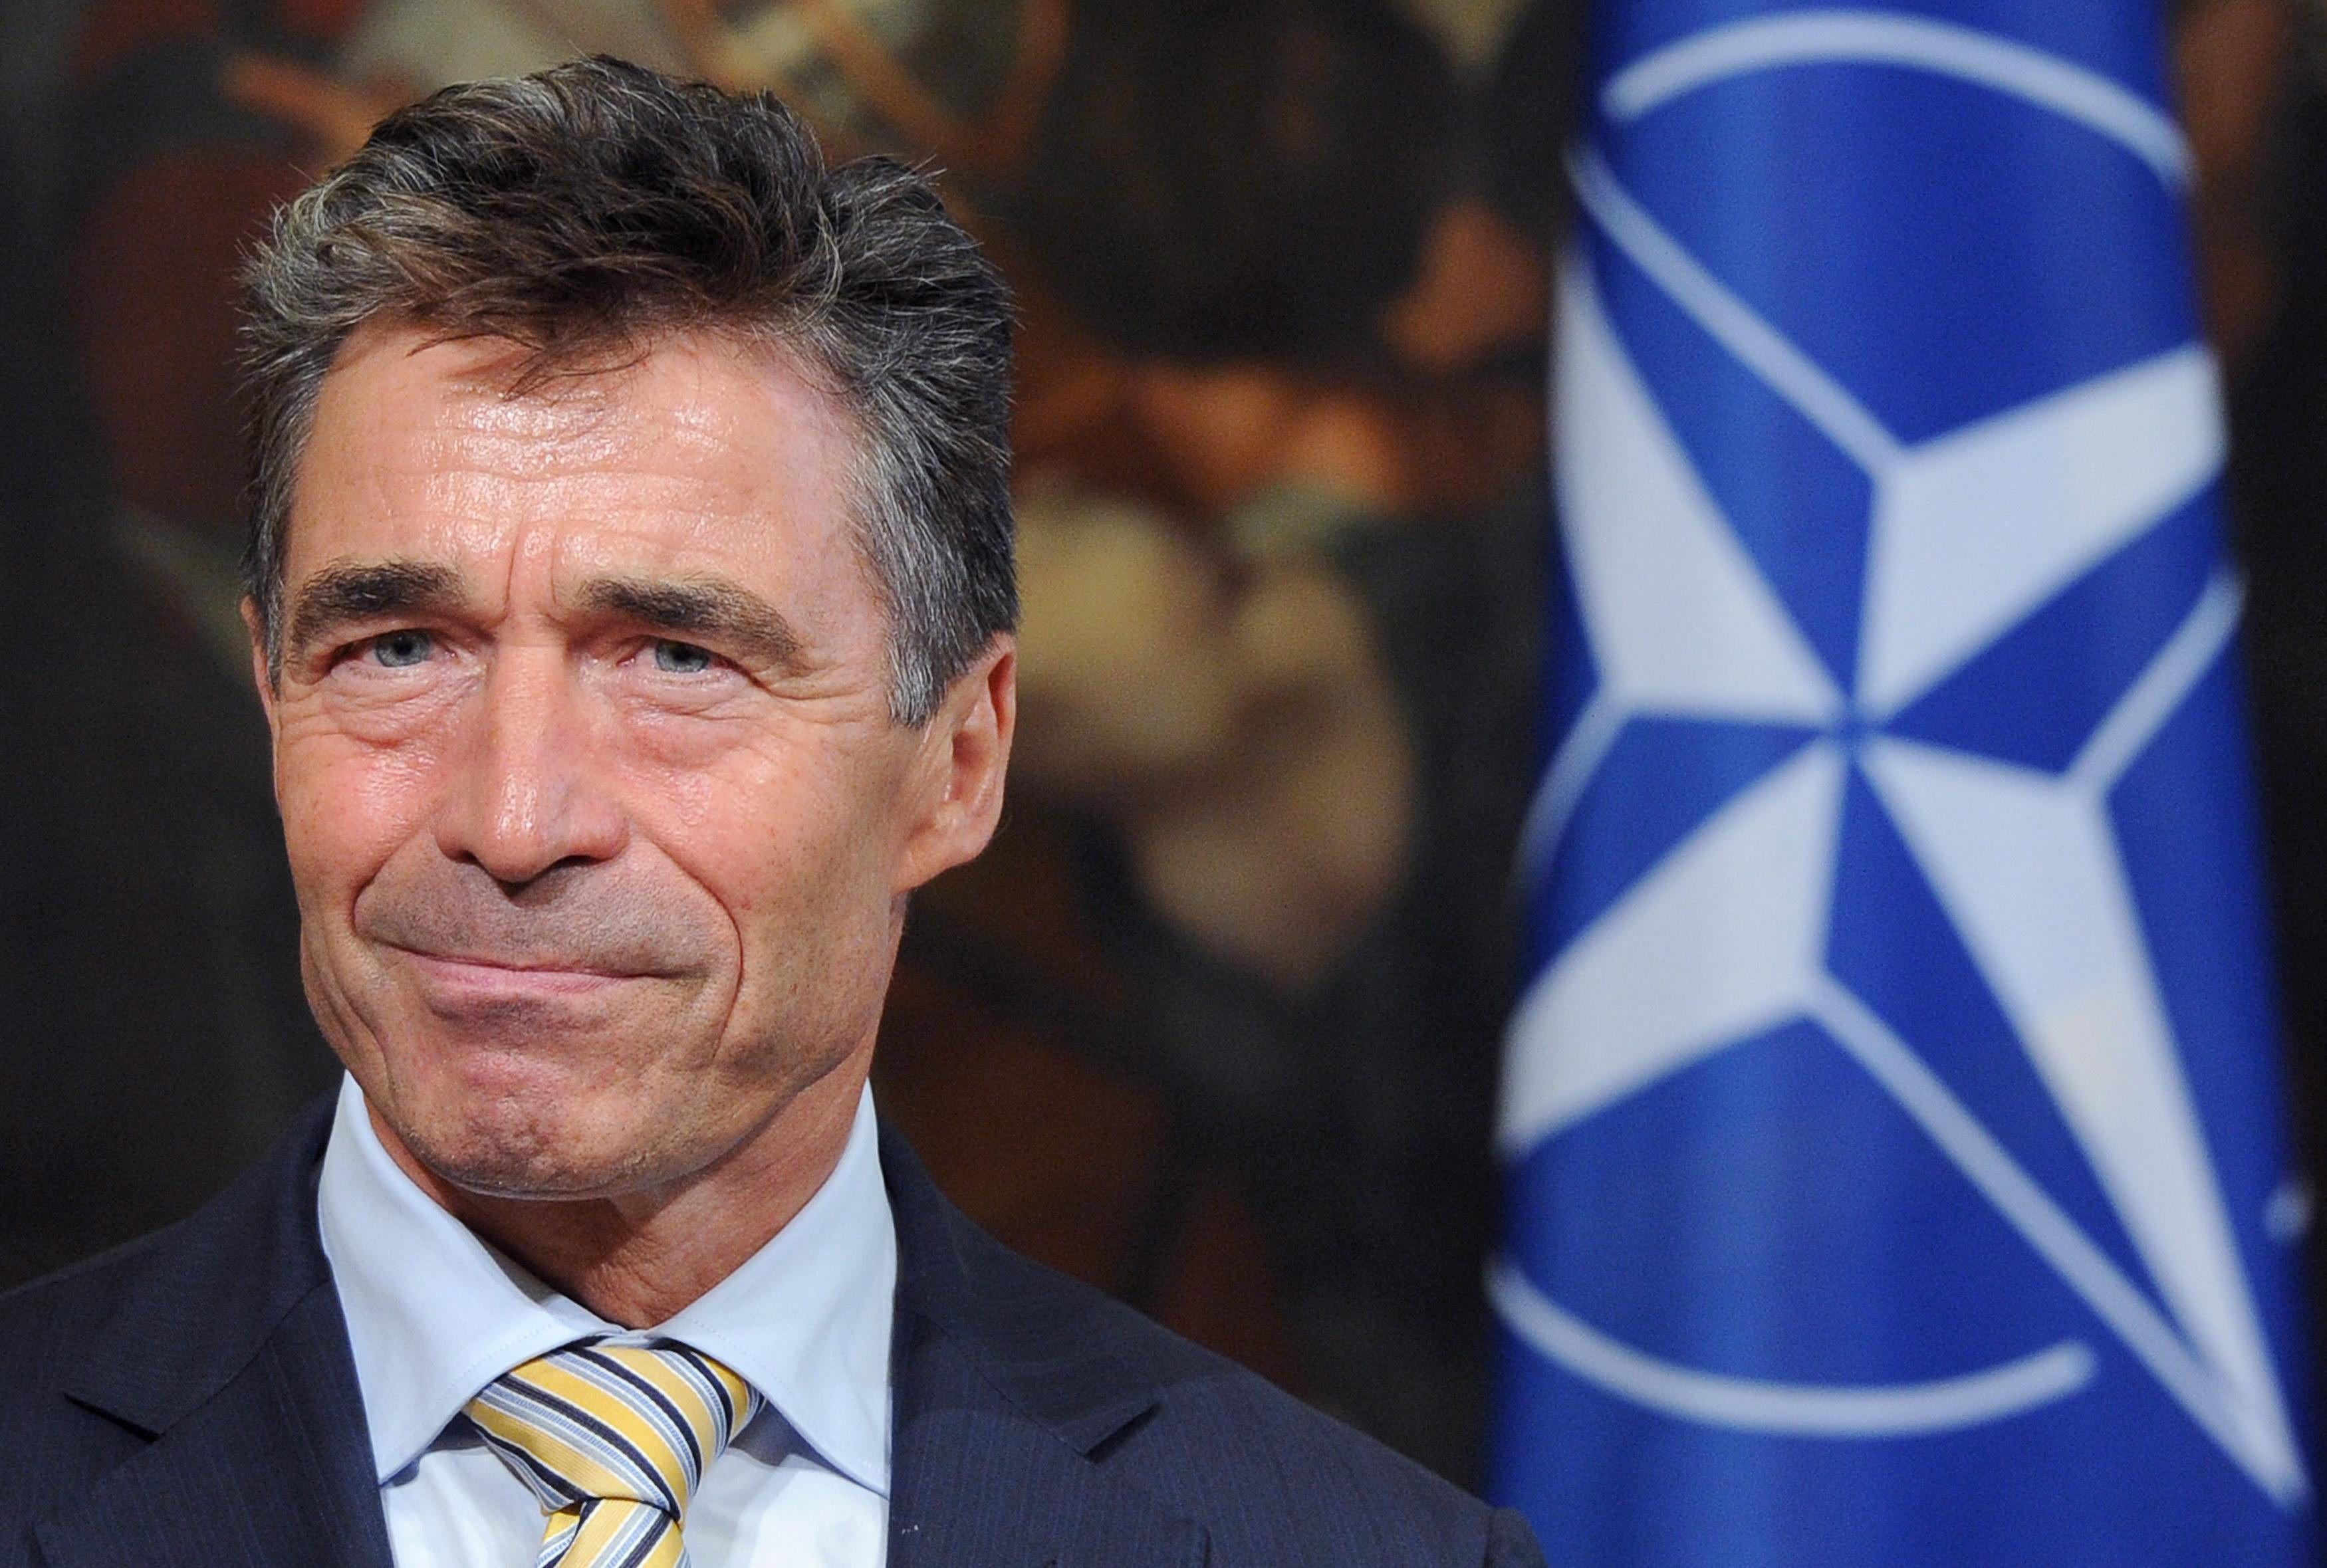 La OTAN analiza hoy los últimos acontecimientos en Siria